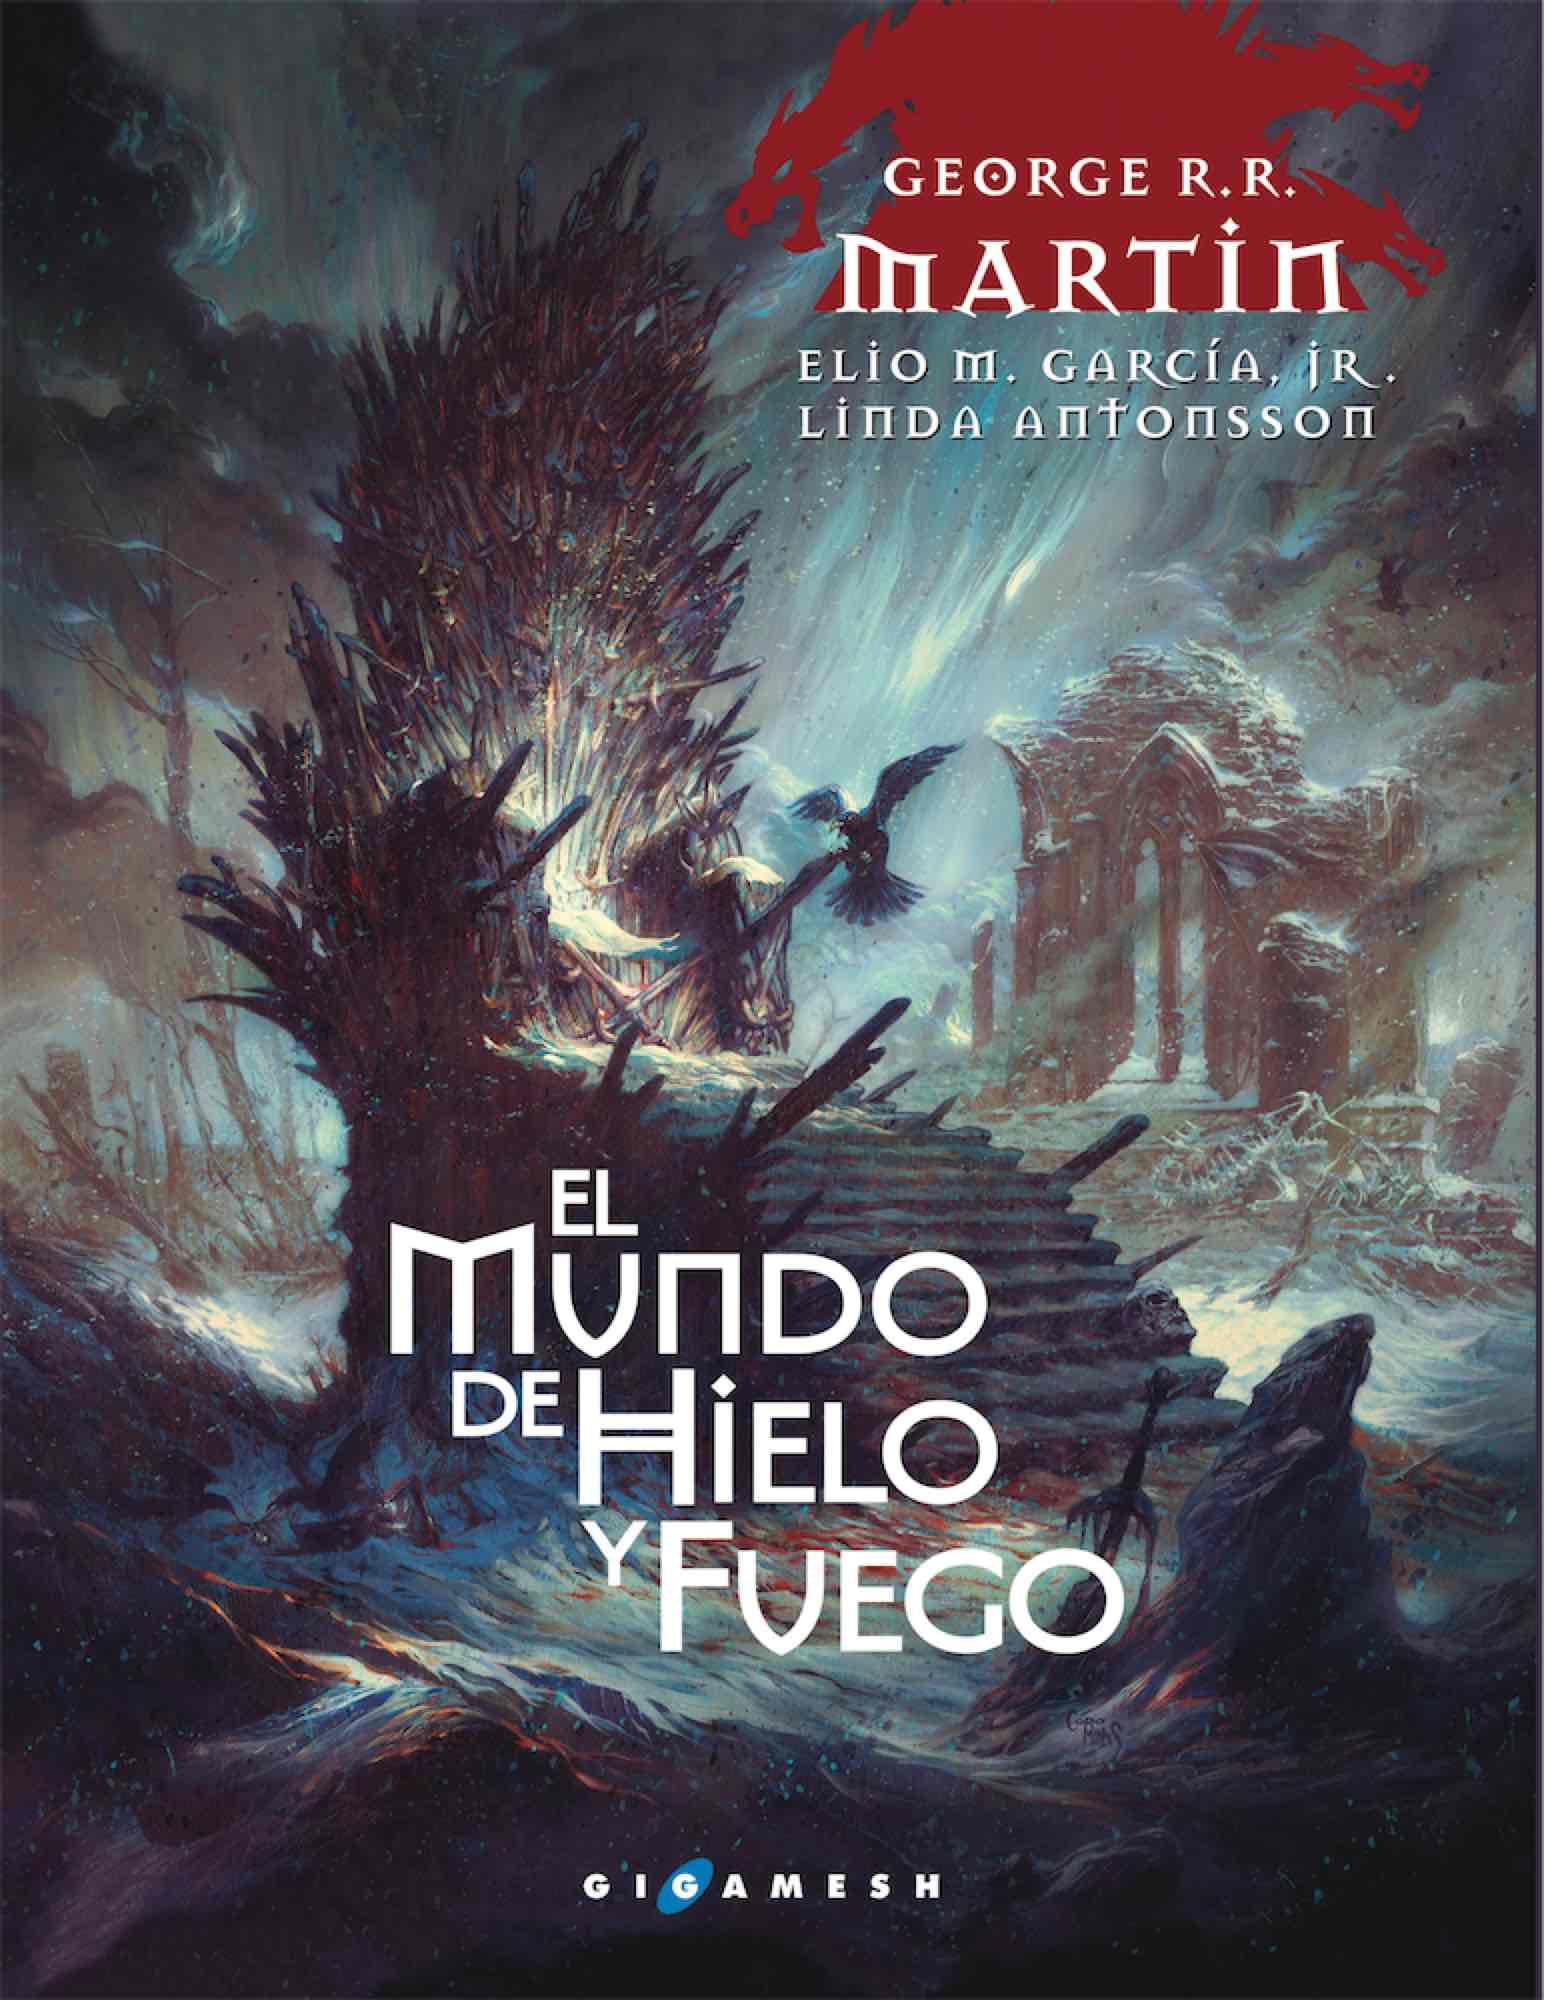 EL MUNDO DE HIELO Y FUEGO (RUSTICA)